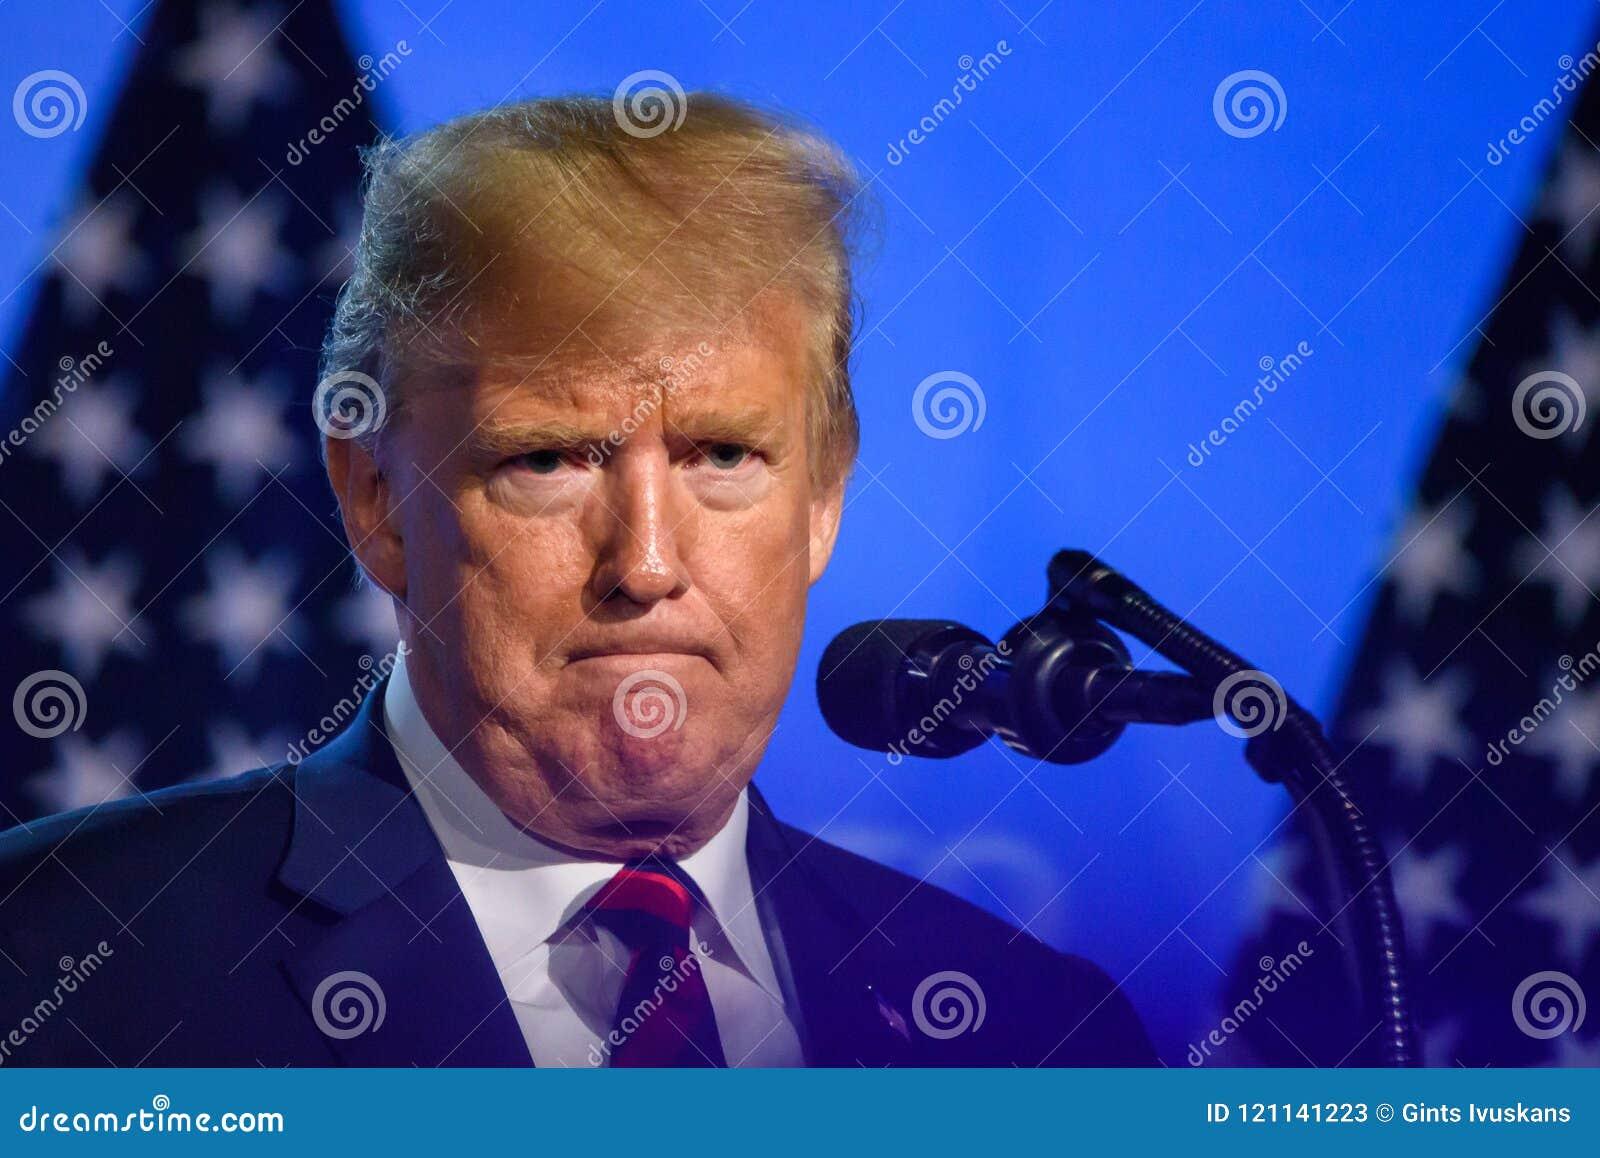 Donald Trump, Präsident von den Vereinigten Staaten von Amerika, während der Pressekonferenz an NATO-GIPFEL 2018